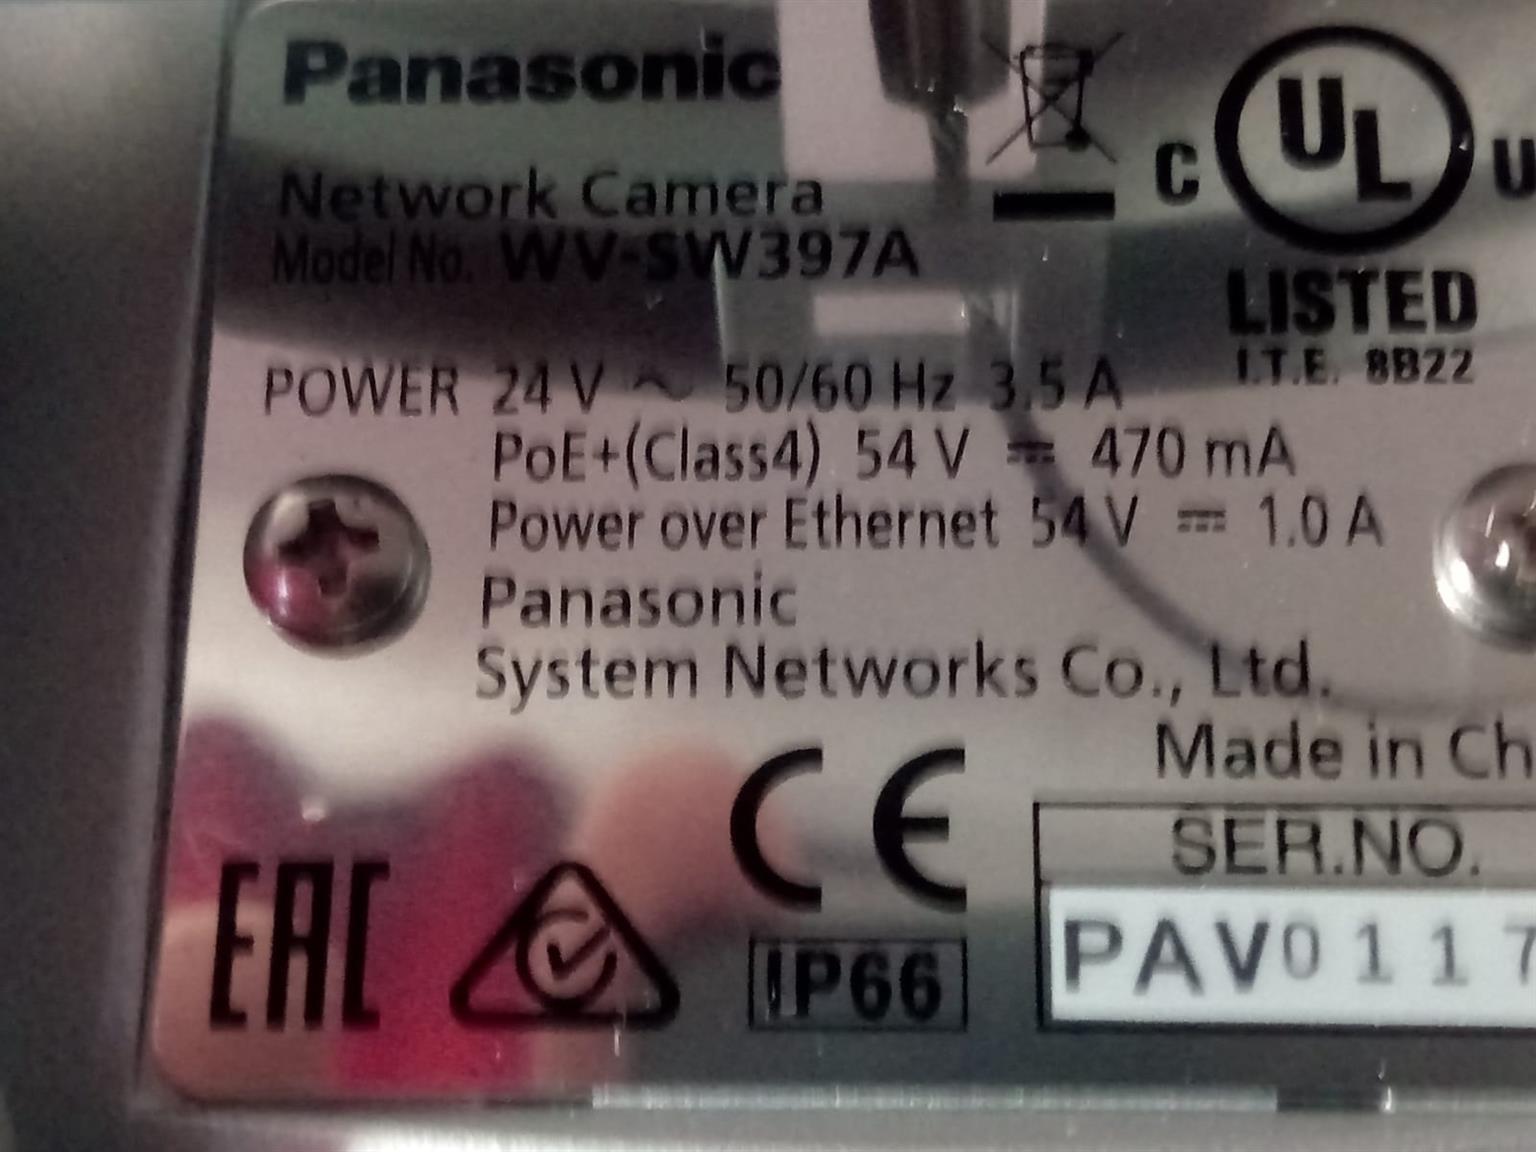 Panasonic WV-SW397A Network Cameras